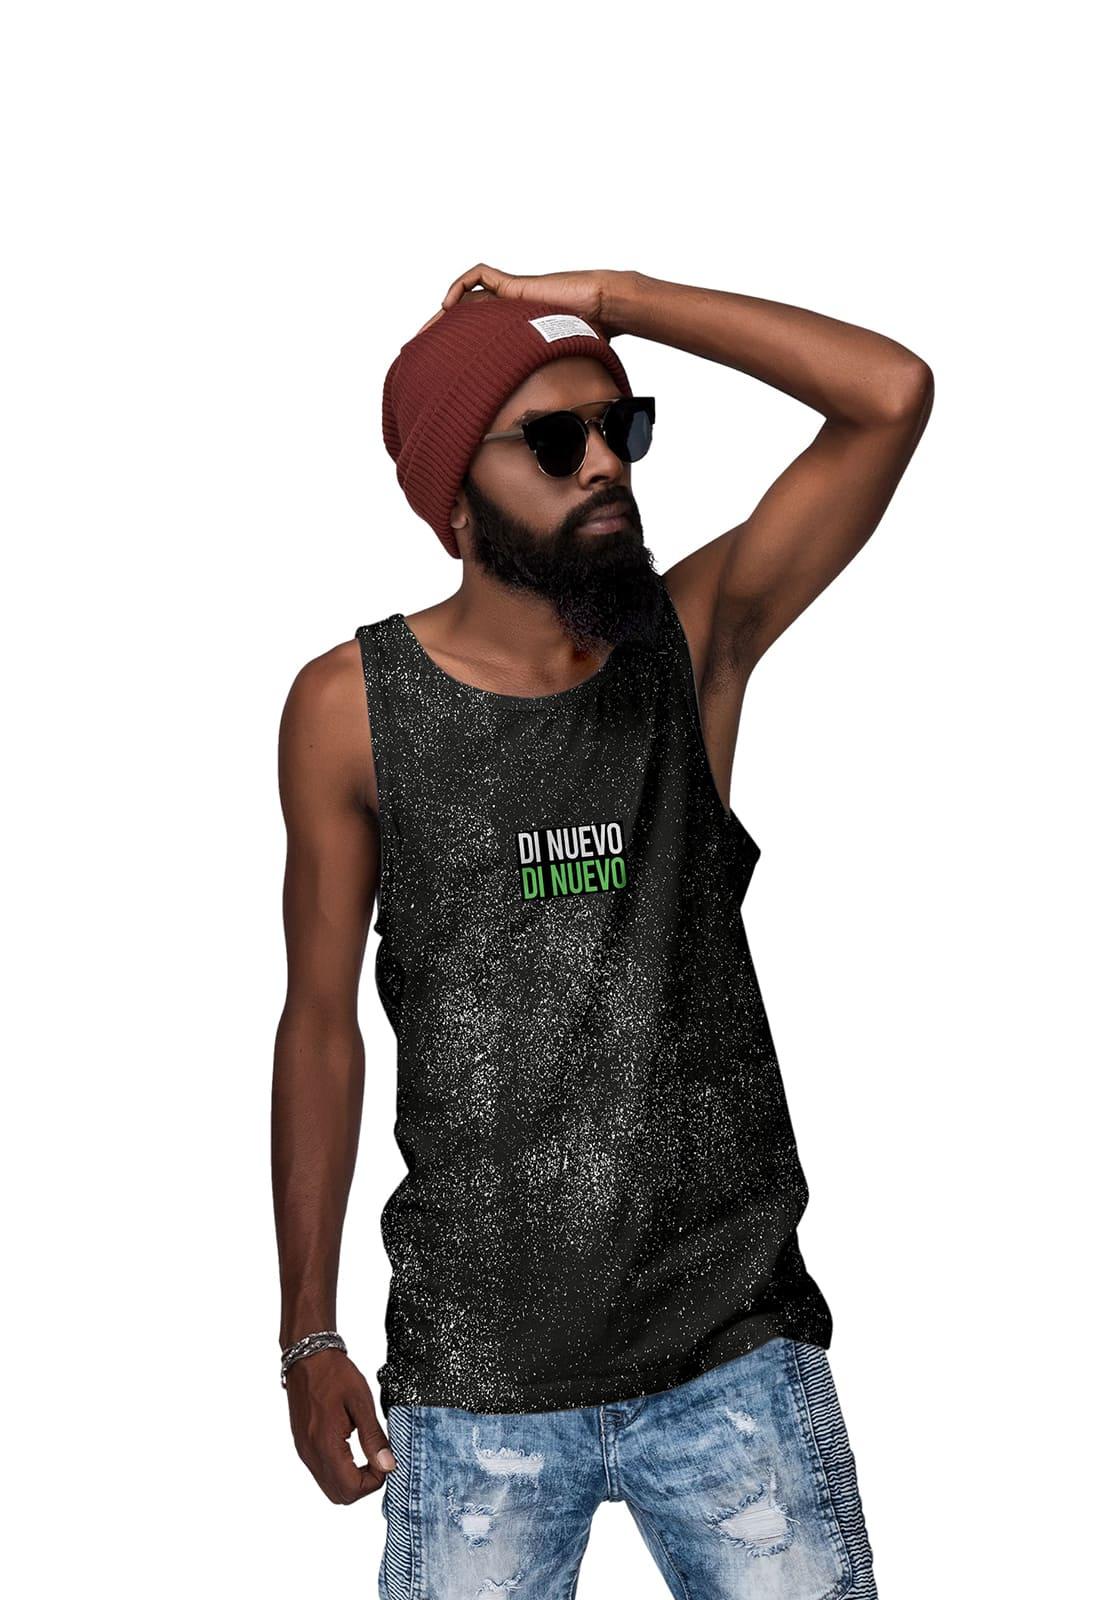 Camiseta Regata Preta Textura Respingo de Tinta DN